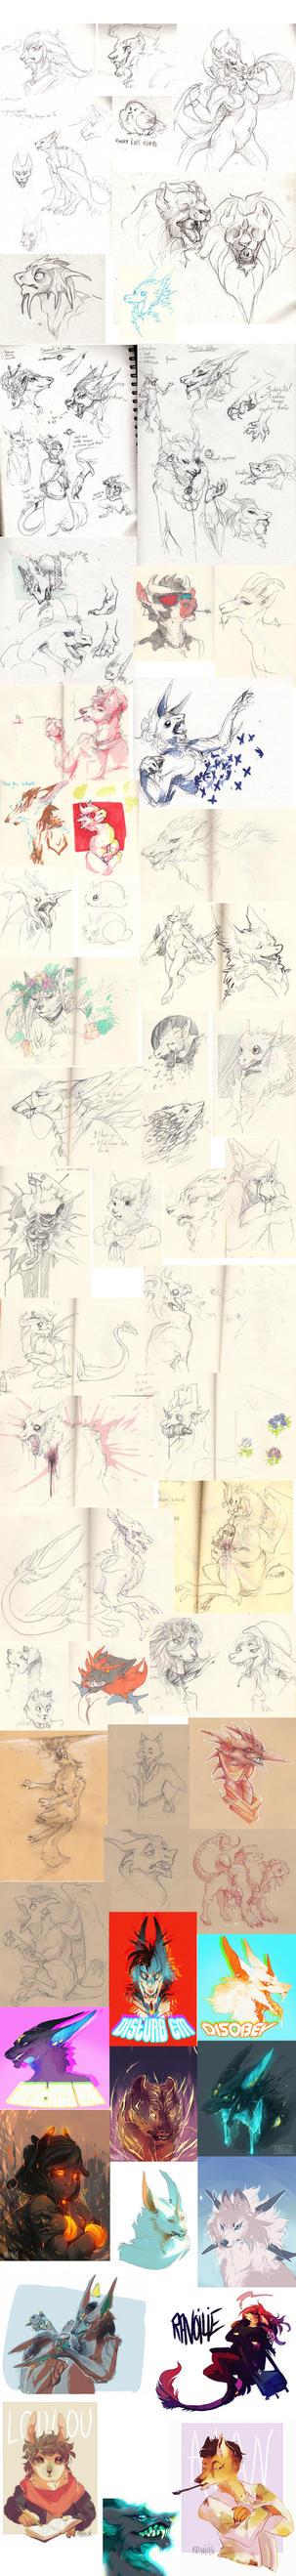 Doodle dump 19 by Ravoilie